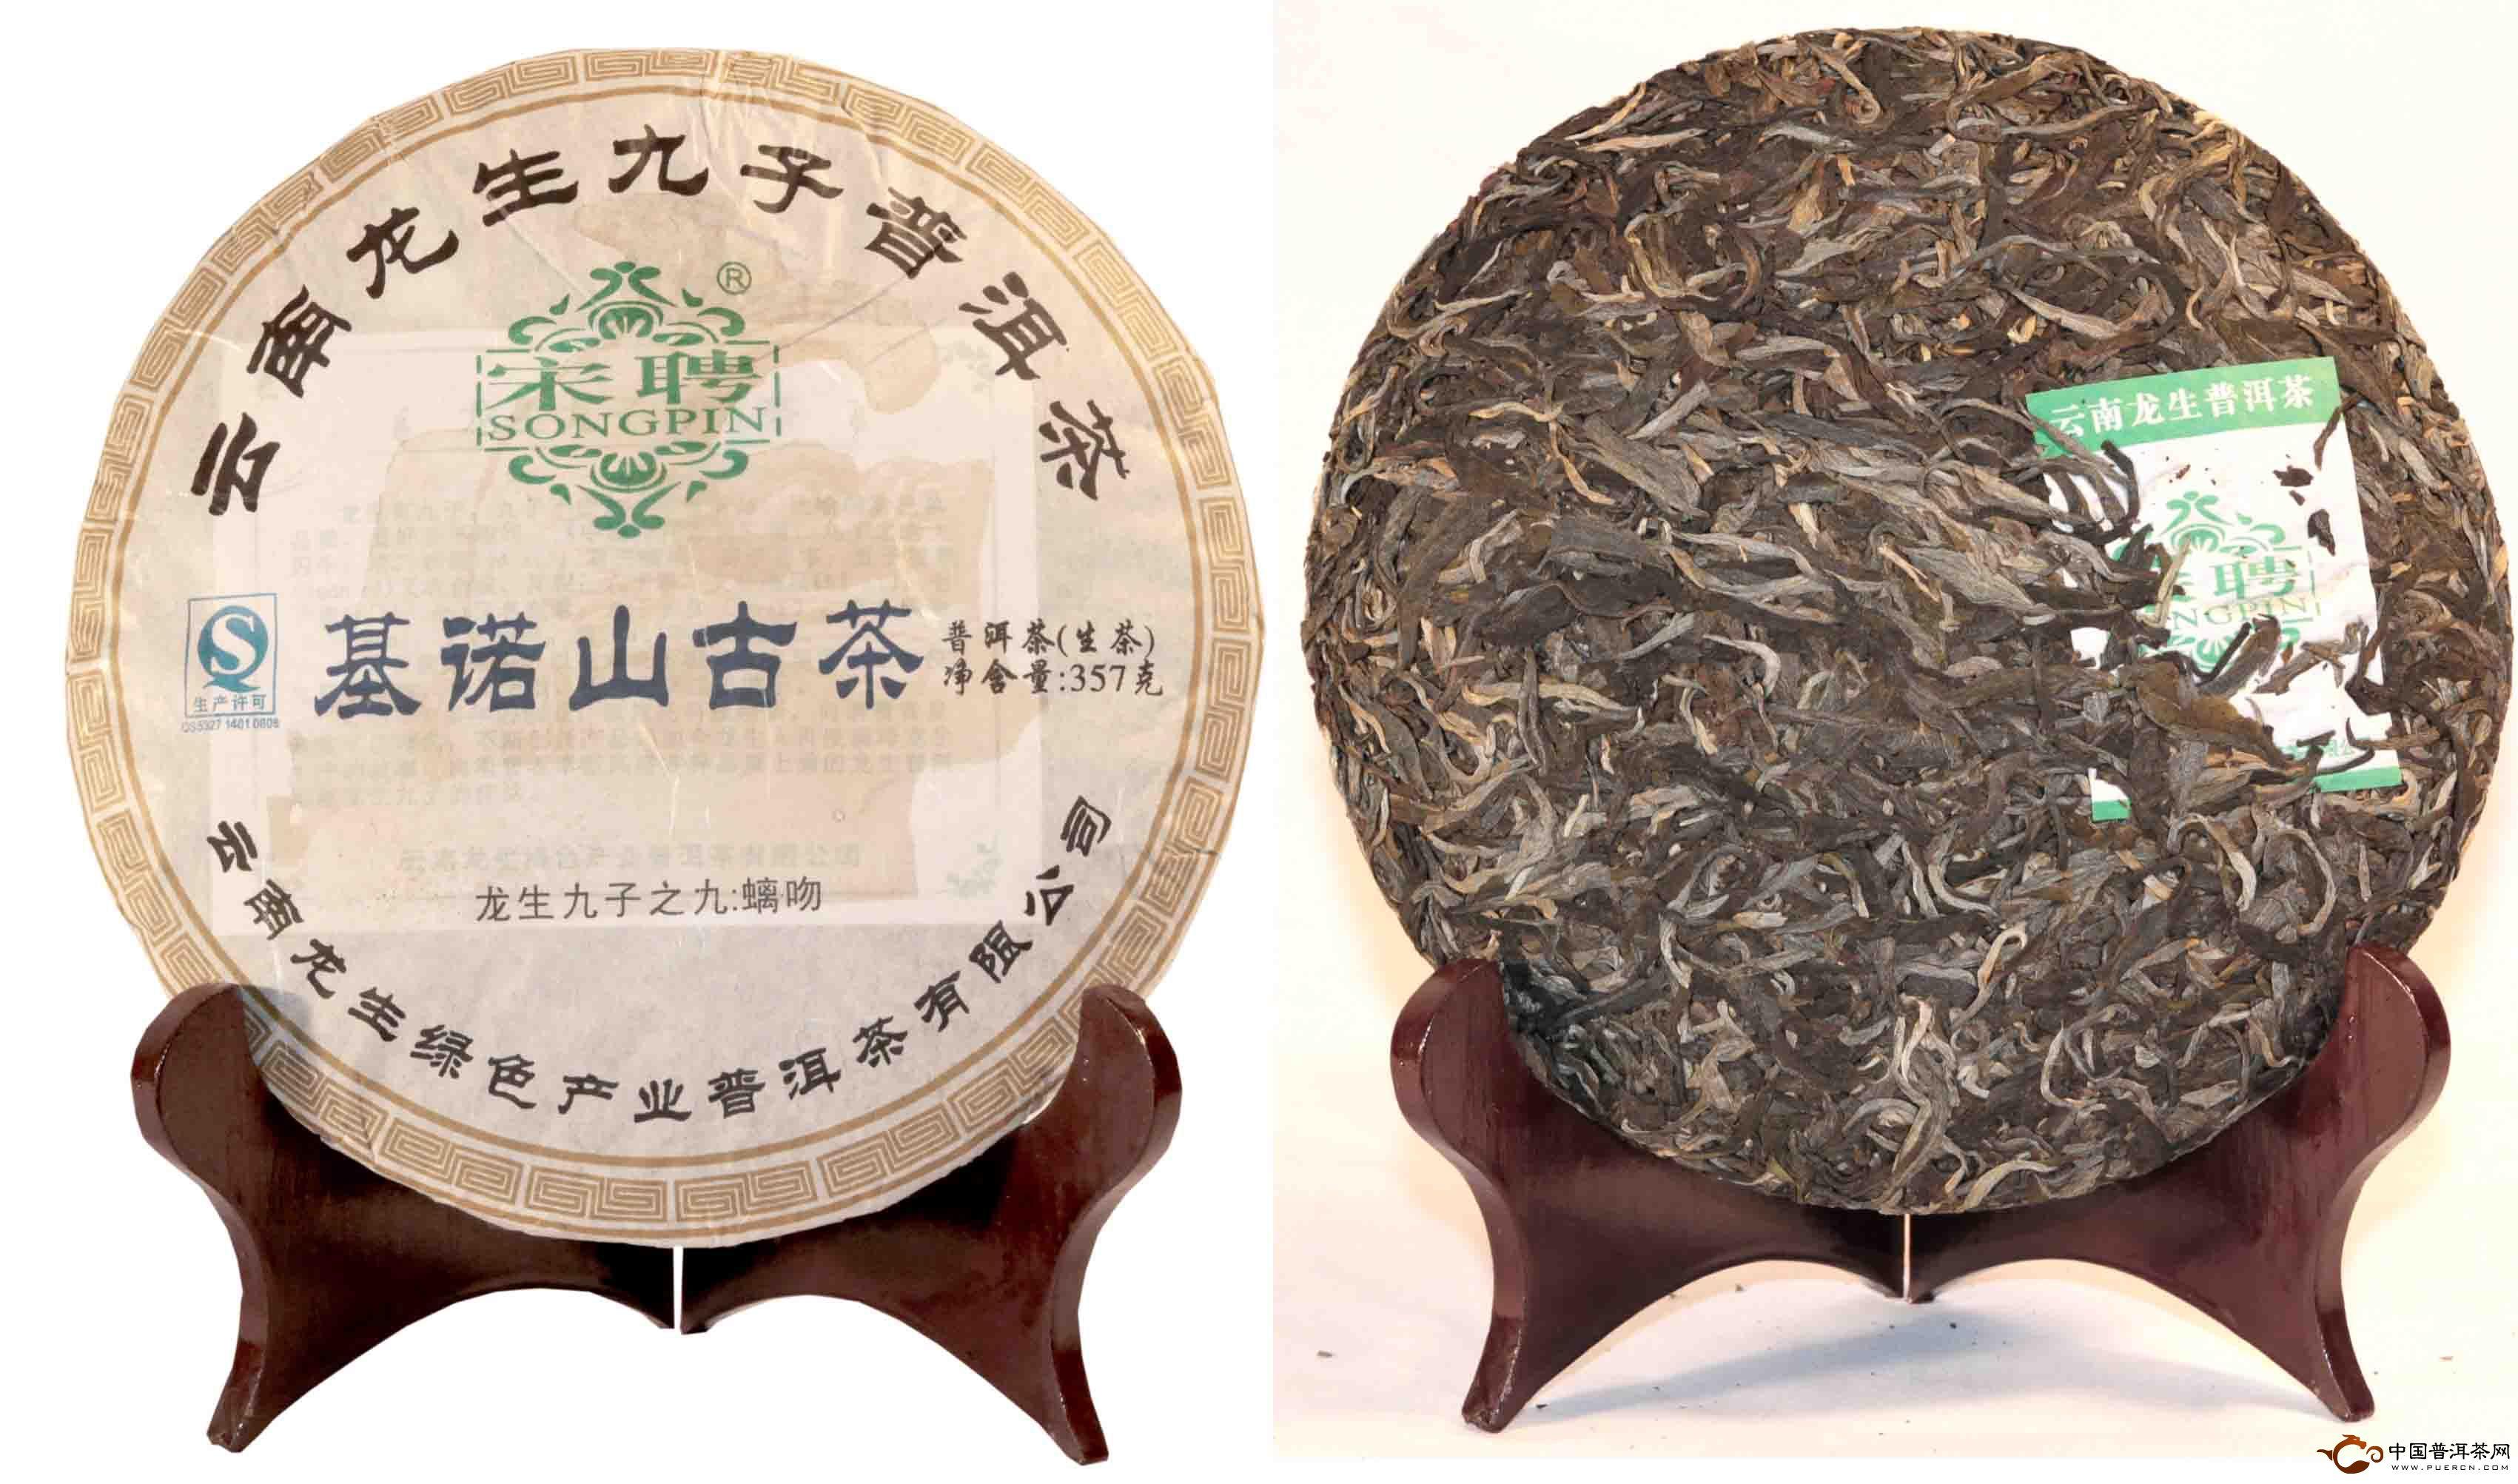 2011龙生普洱茶:基诺山古茶